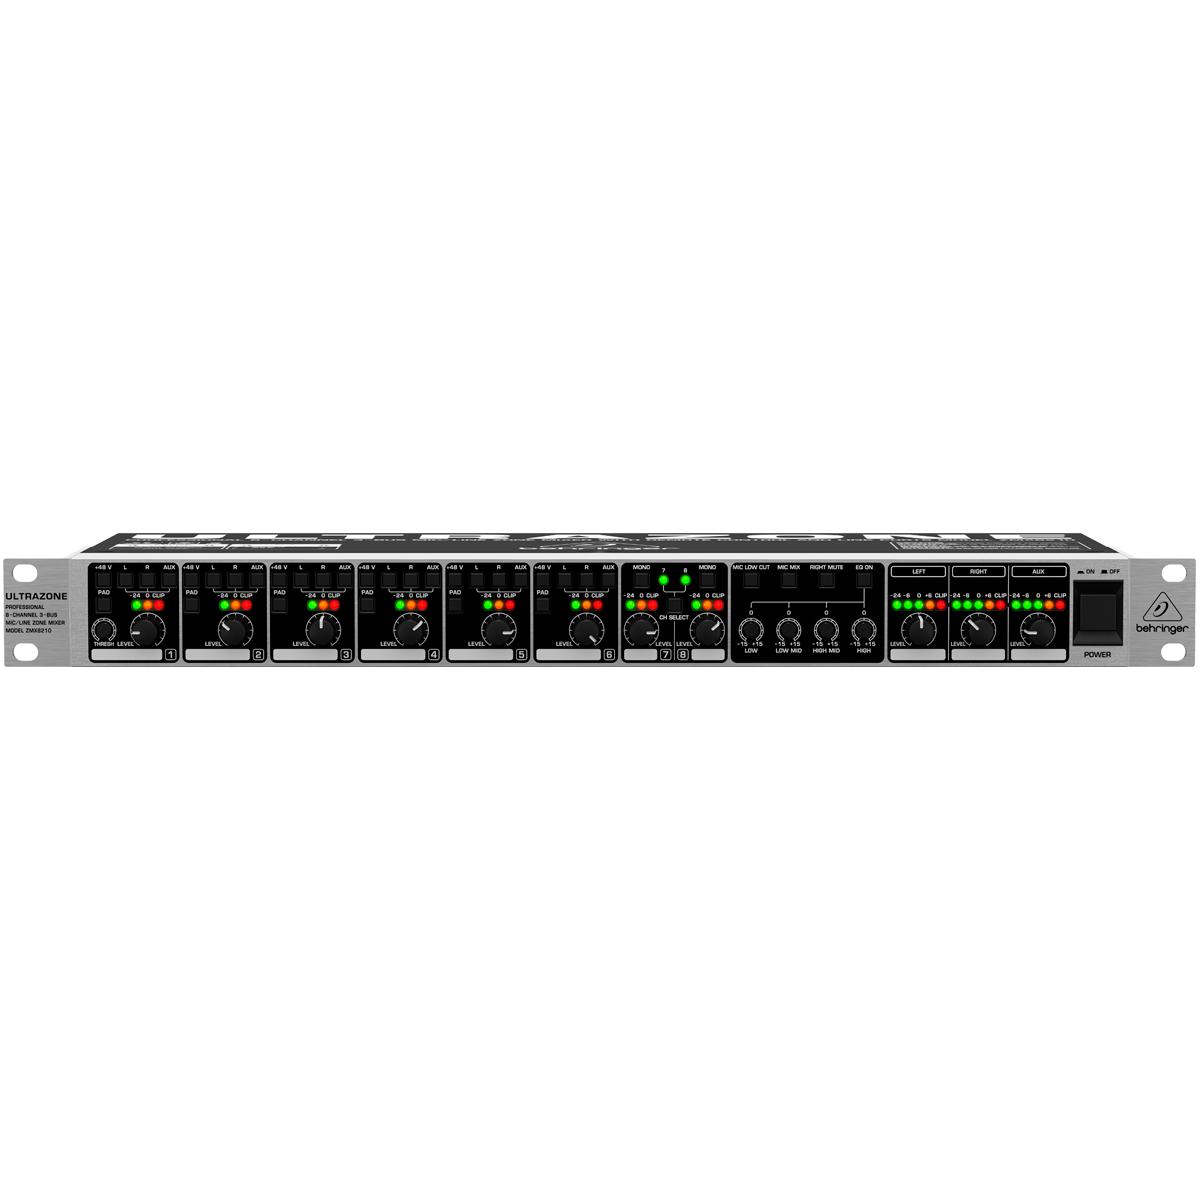 ZMX8210 - Mesa de Som / Mixer 8 Canais Ultrazone ZMX 8210 - Behringer